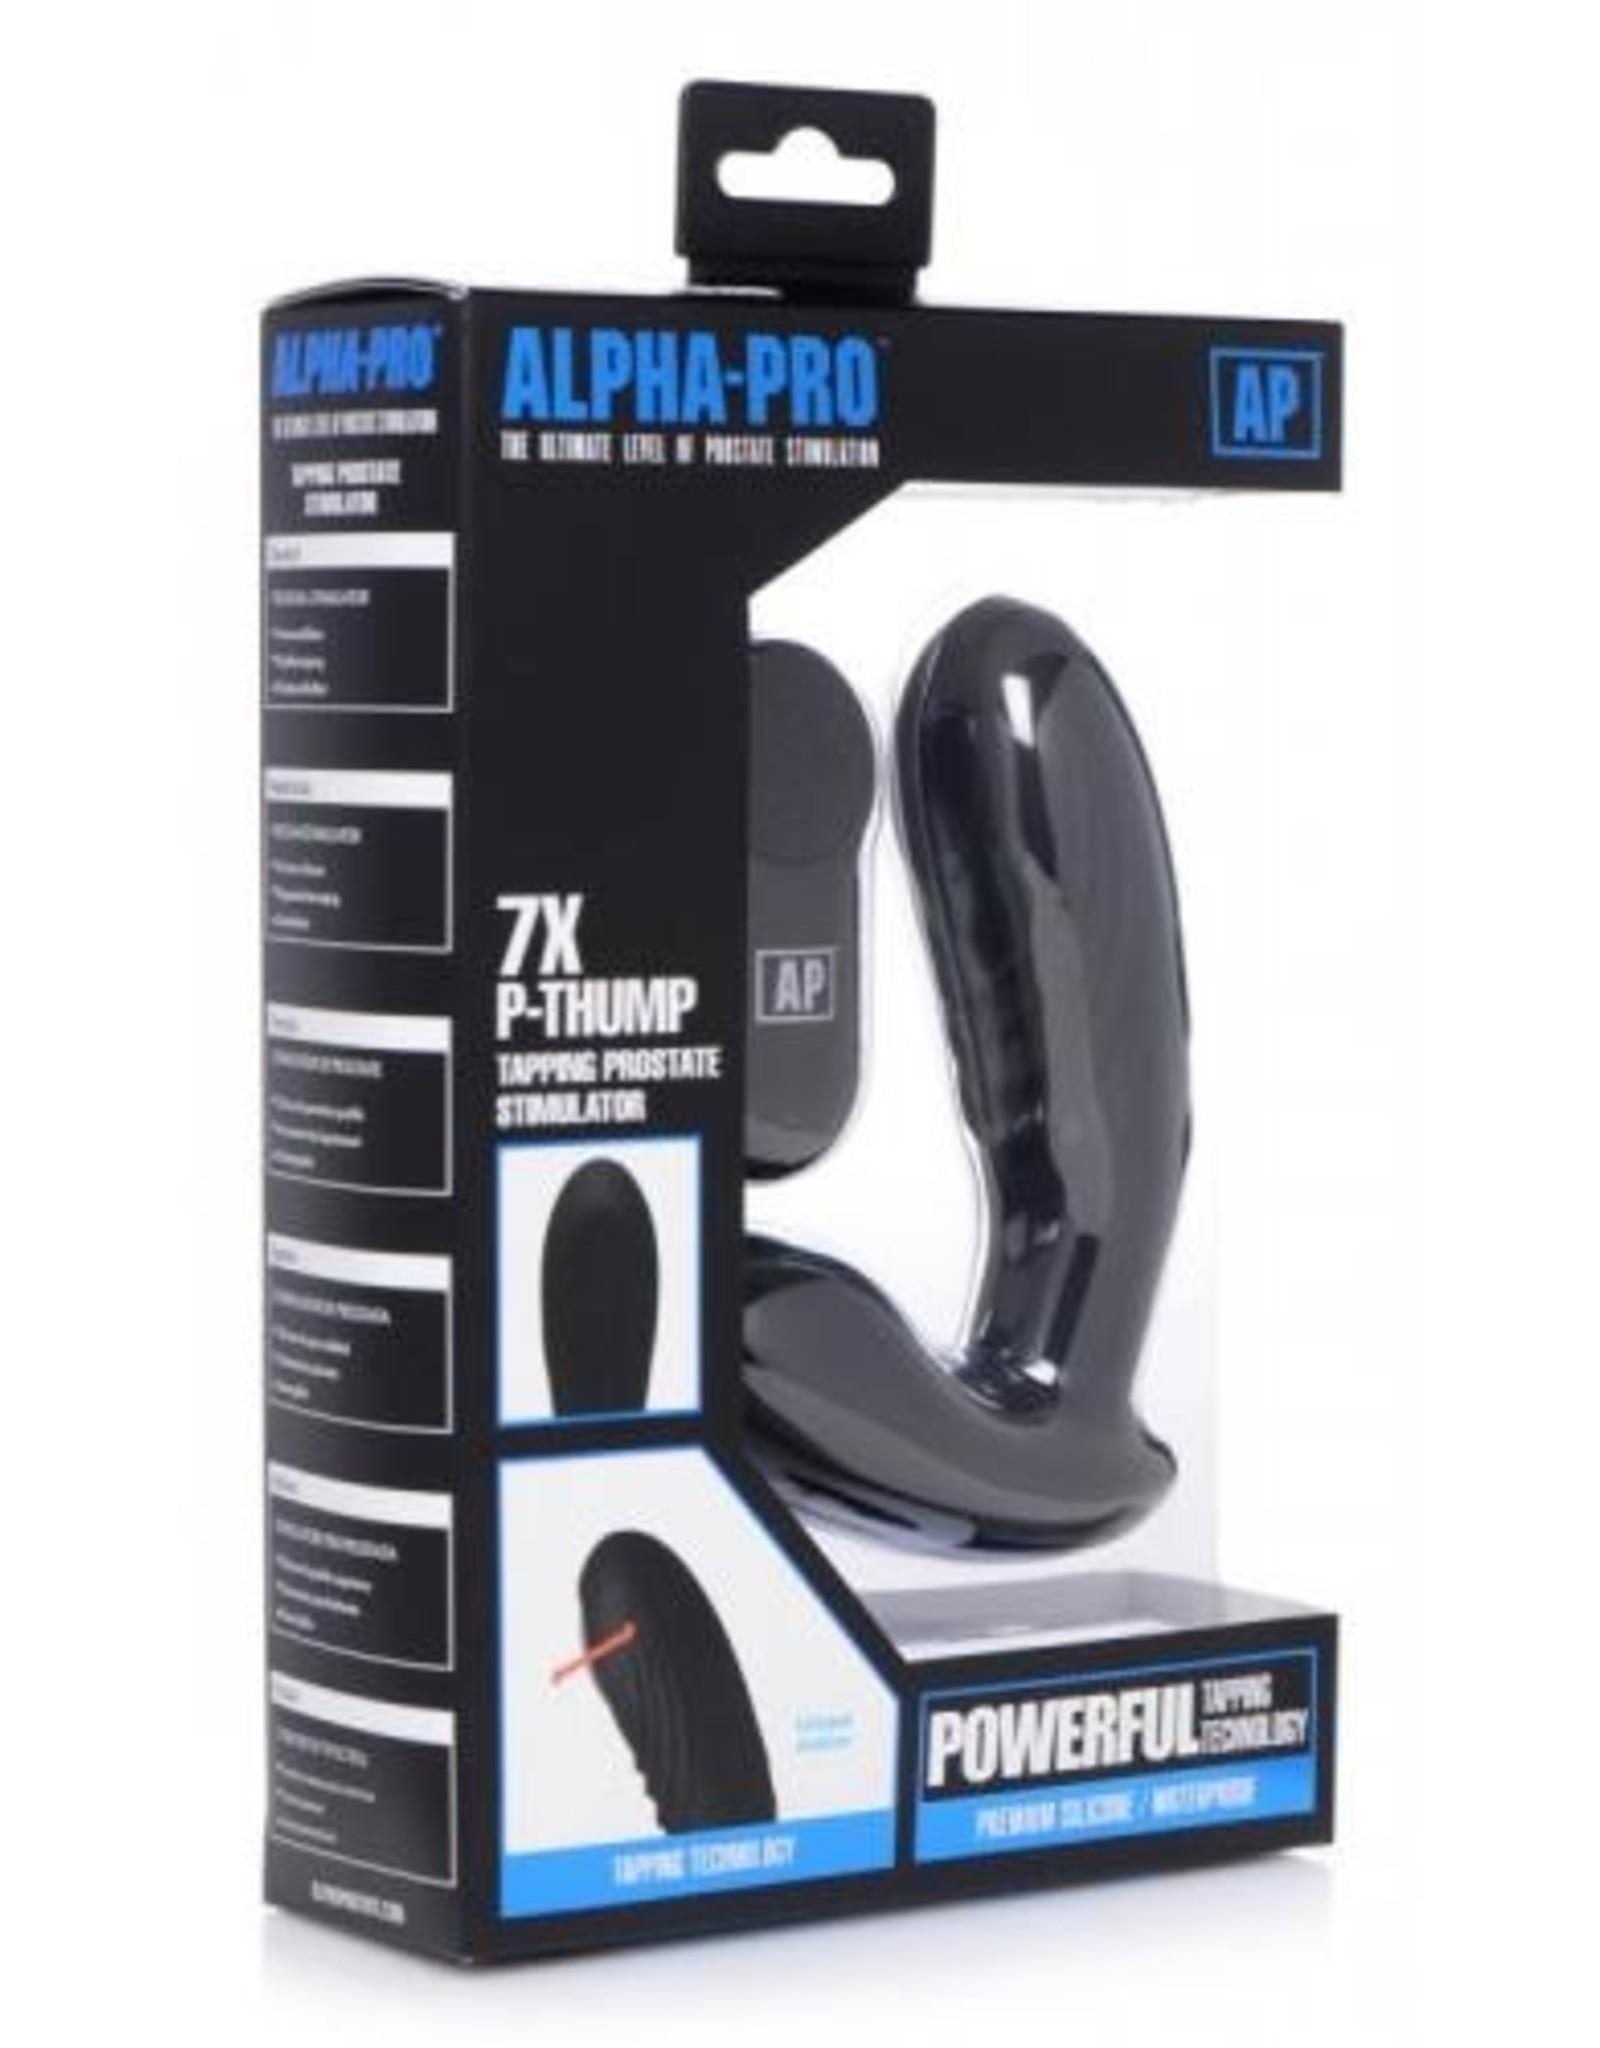 Alpha-Pro P-Thump Prostaat Vibrator Met Afstandsbediening